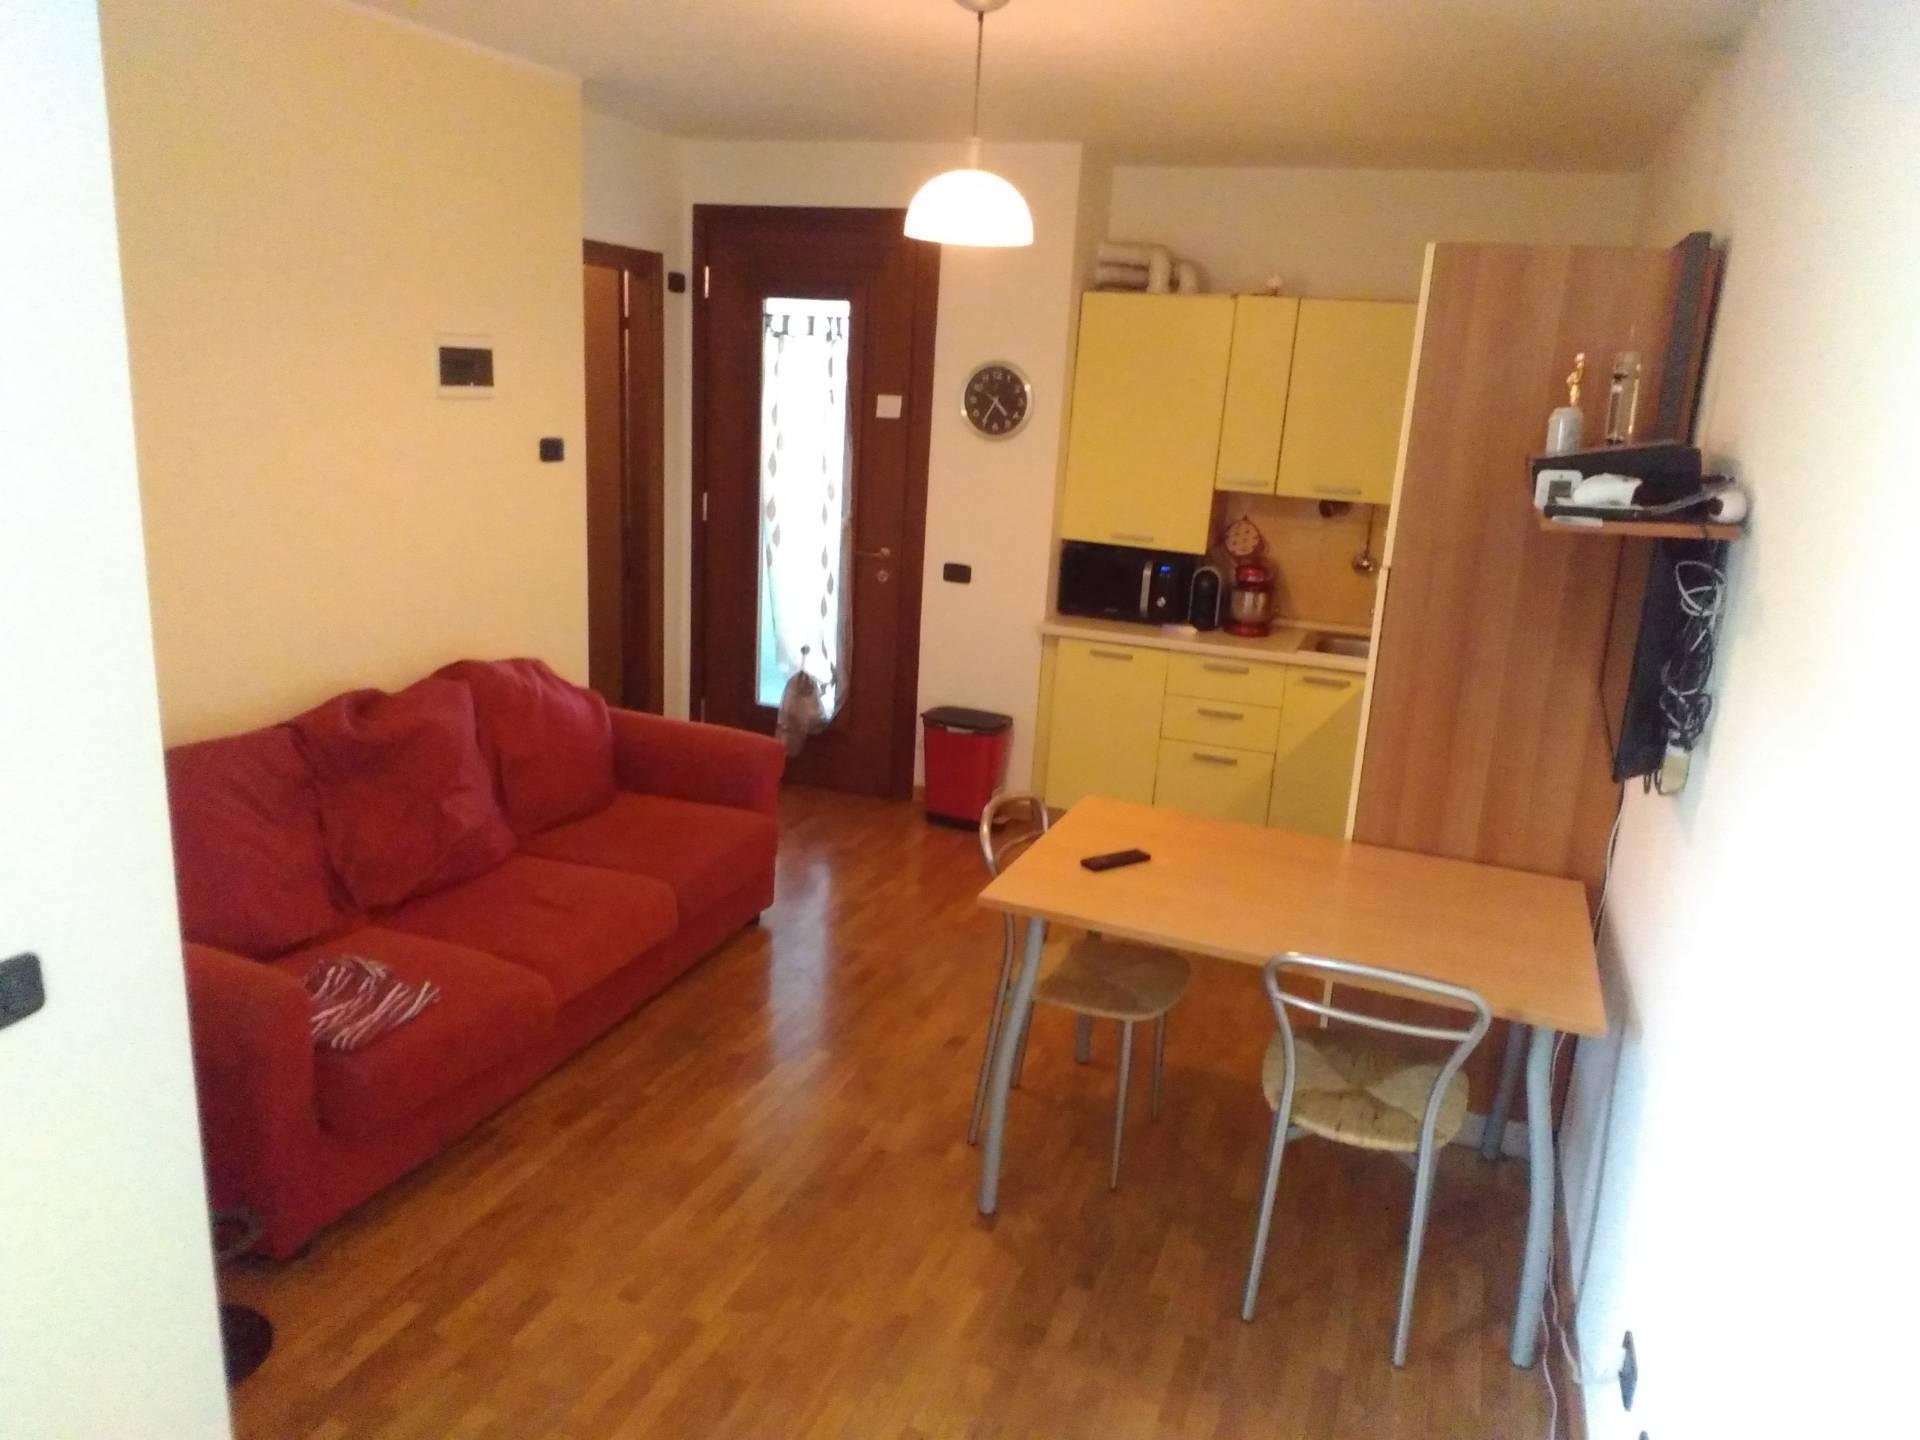 Appartamento in vendita a Udine, 2 locali, zona Località: VIABUTTRIO, prezzo € 63.000   CambioCasa.it